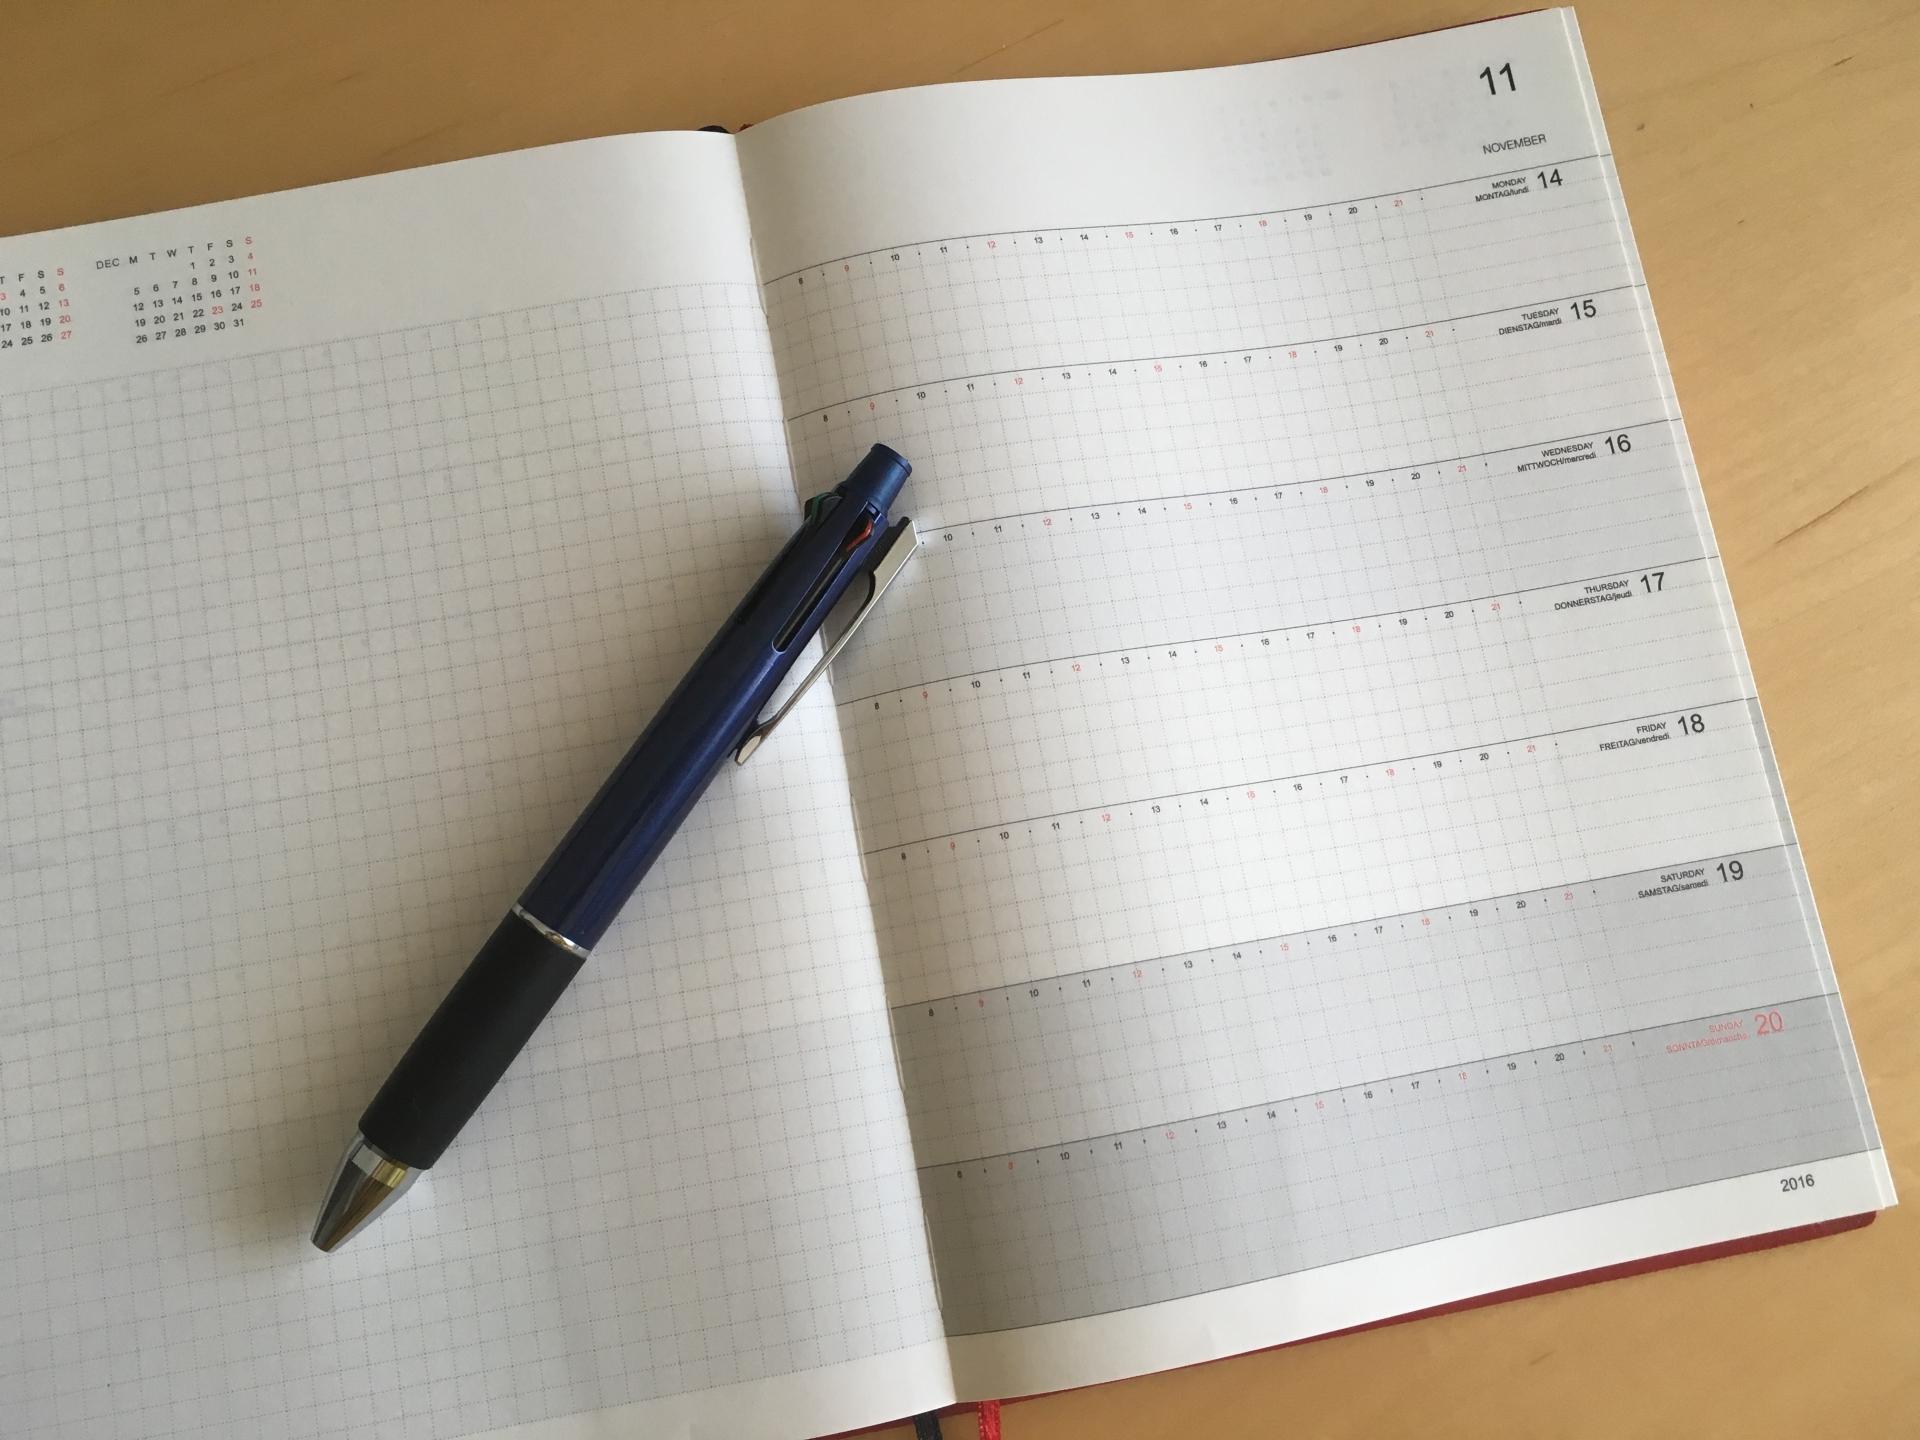 ウィークリー手帳のおすすめ9選!バーチカルタイプも【2019年版】